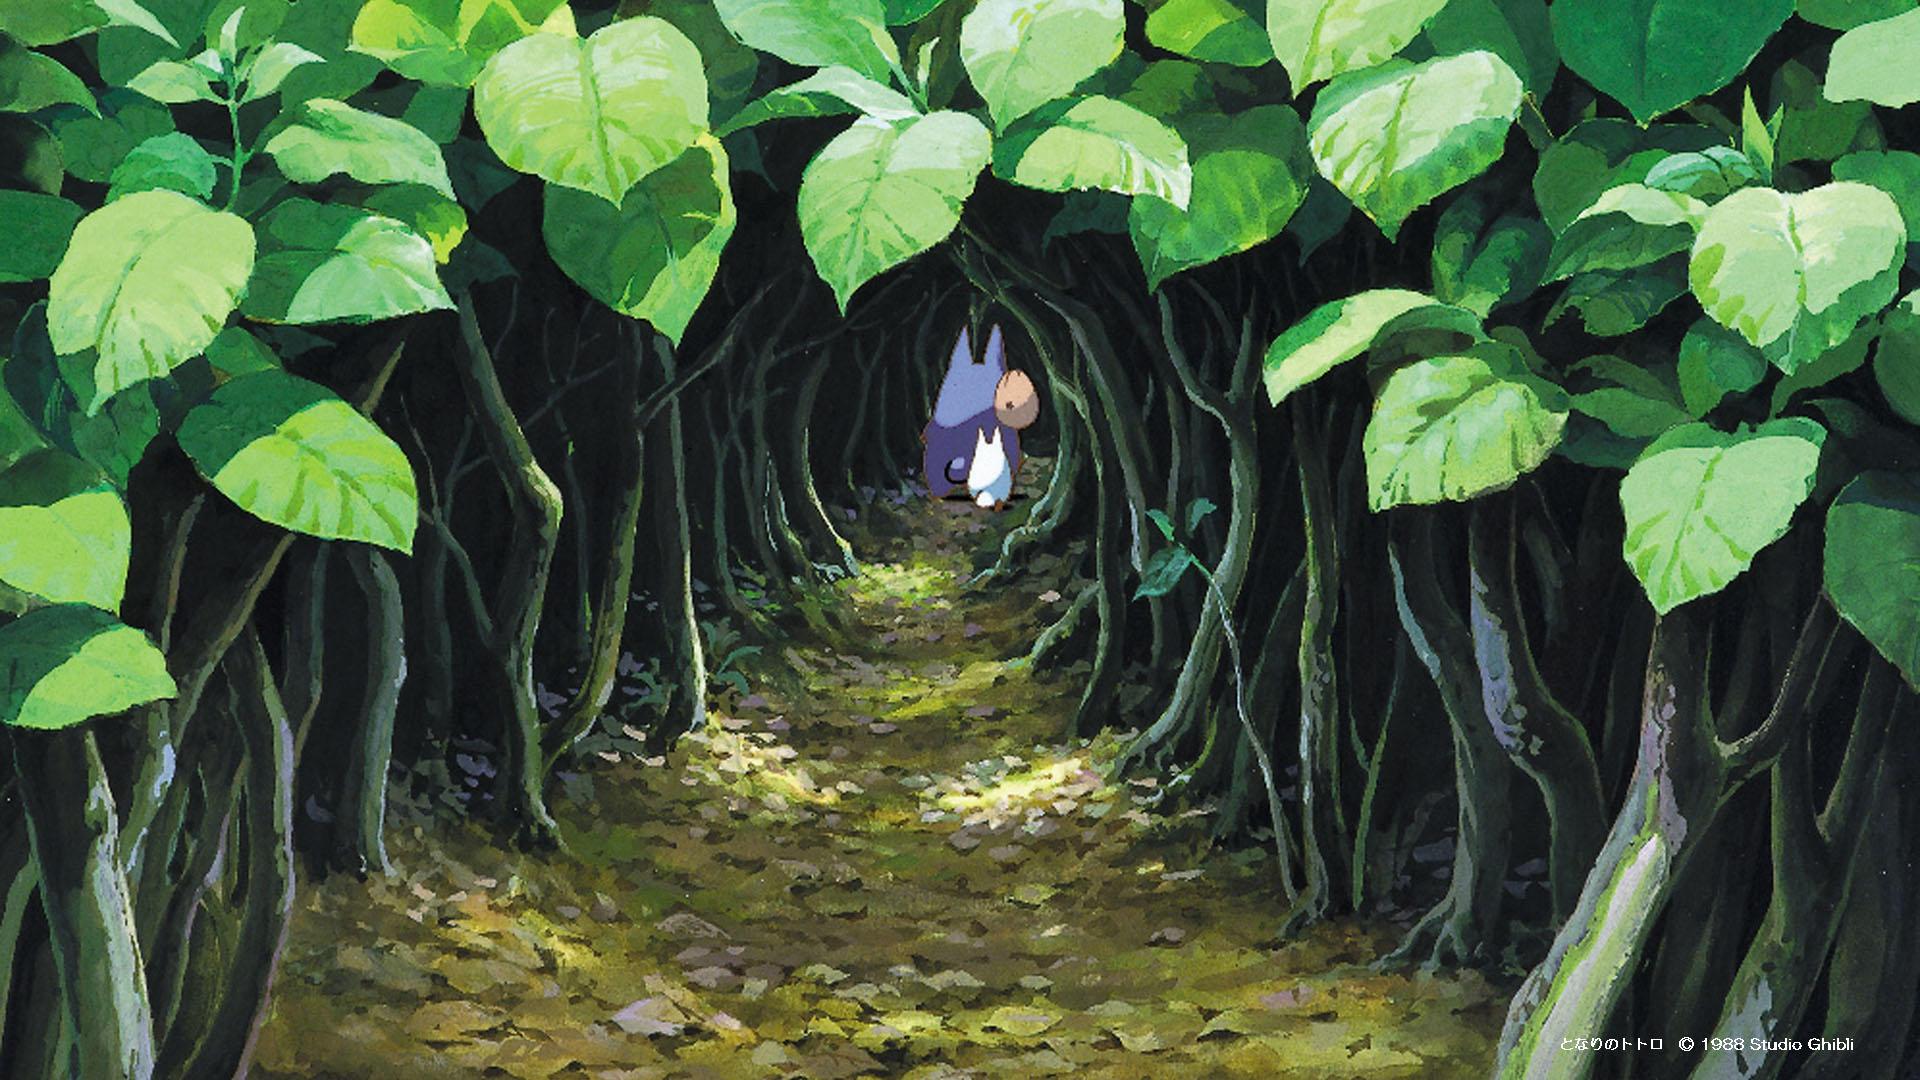 Studio Ghibli background